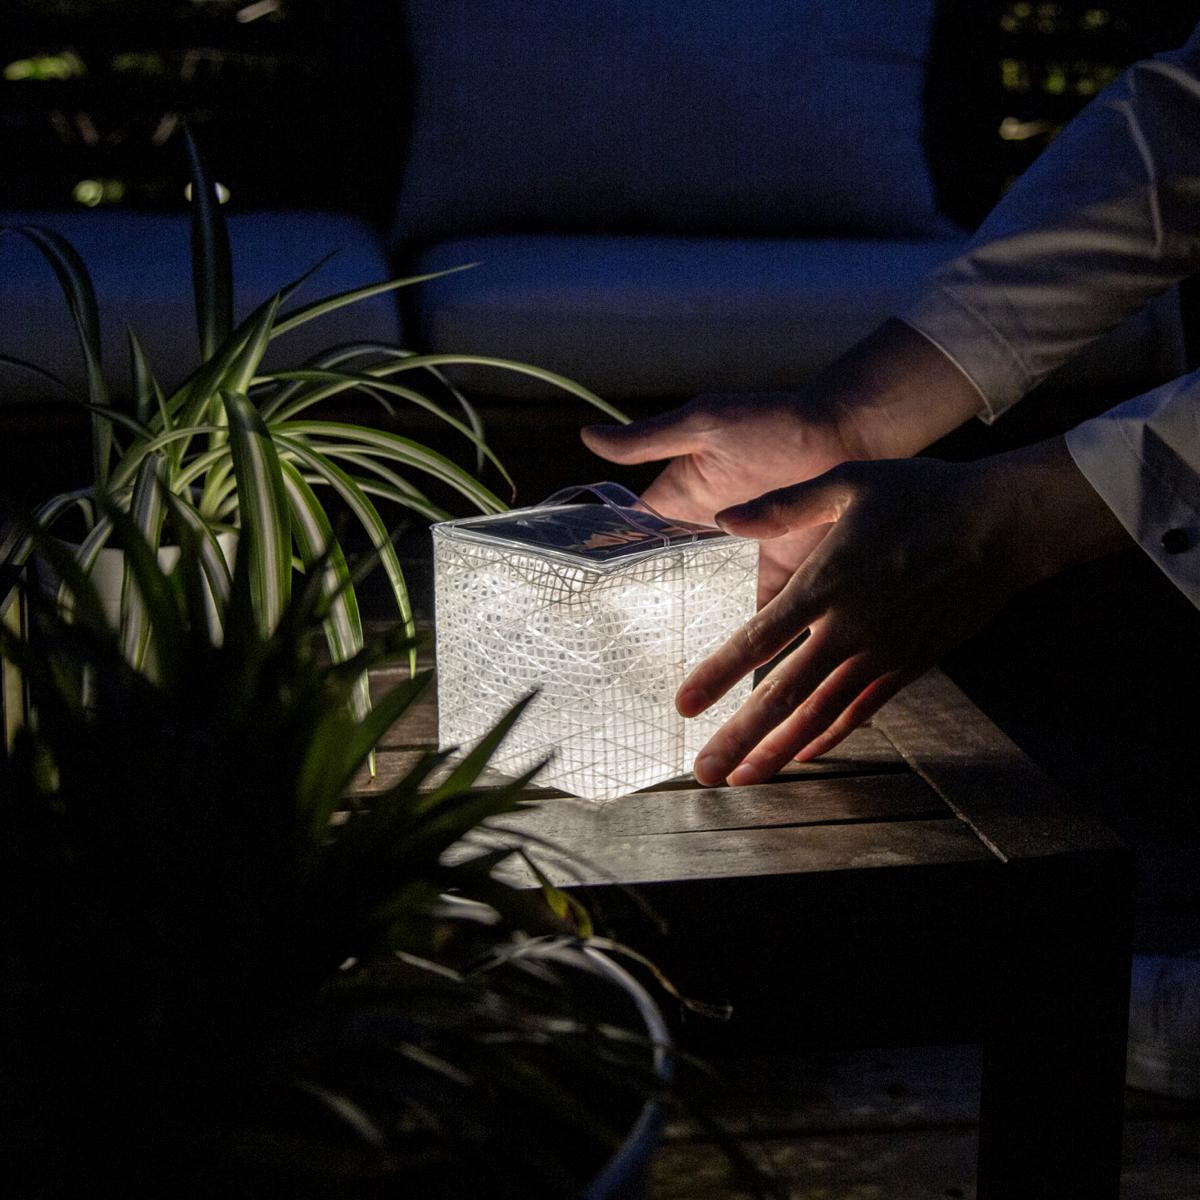 アウトドアのランタンとして、おしゃれな間接照明として、防災ライトとして、読書用にも、常夜灯にも便利。薄さ1.2cmに畳める超軽量ソーラー充電式ライト(ランタン)で、いつも太陽の光がそばに|carry the sun